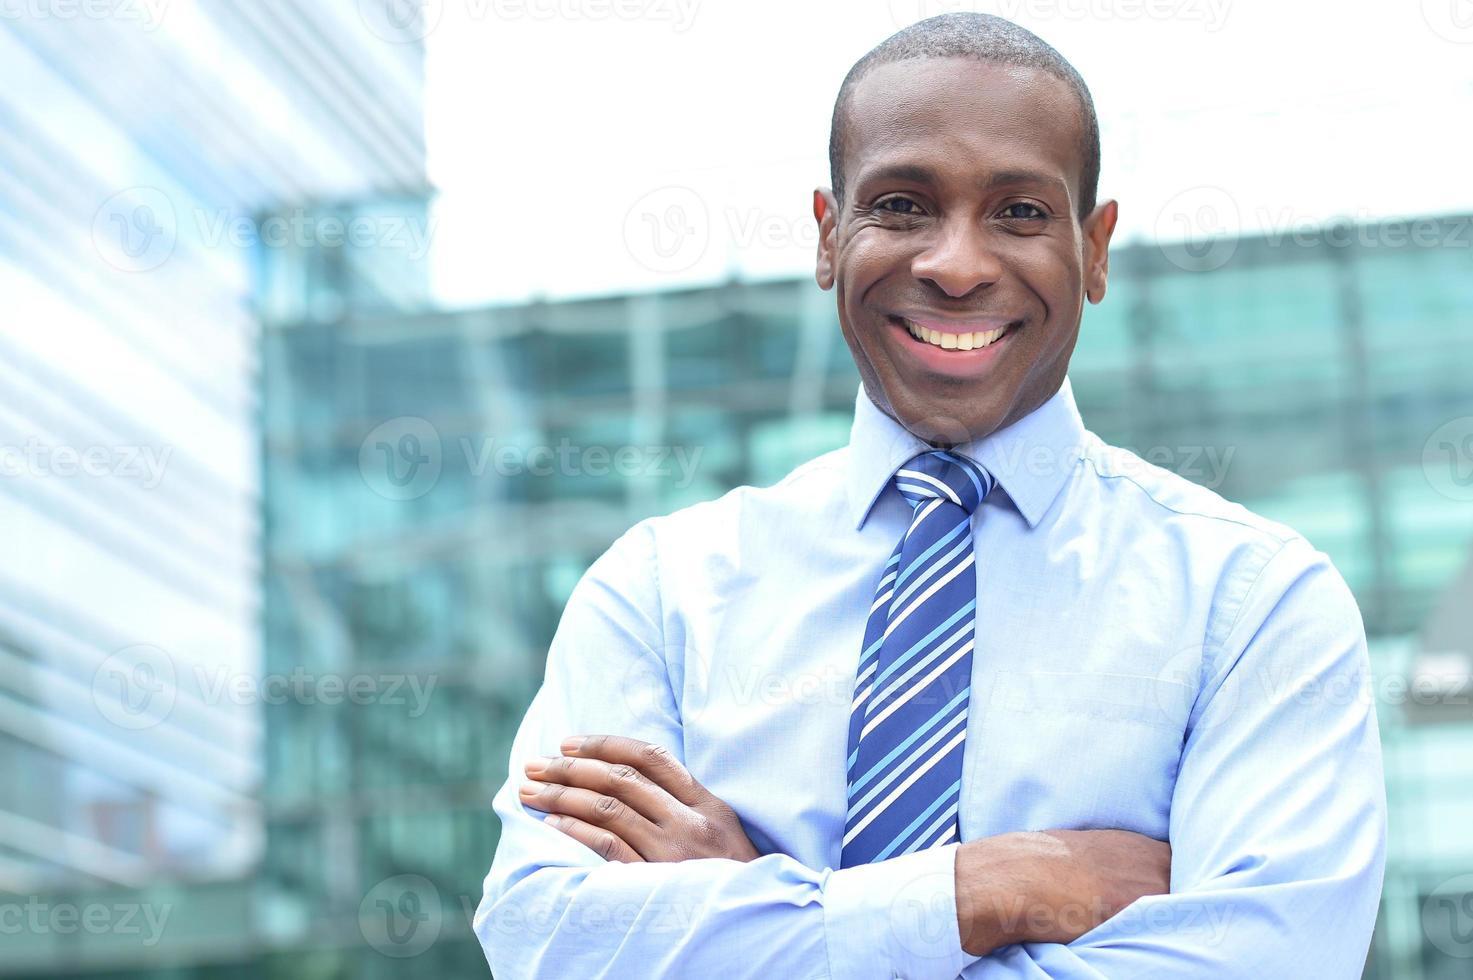 souriant mâle exécutif en plein air photo